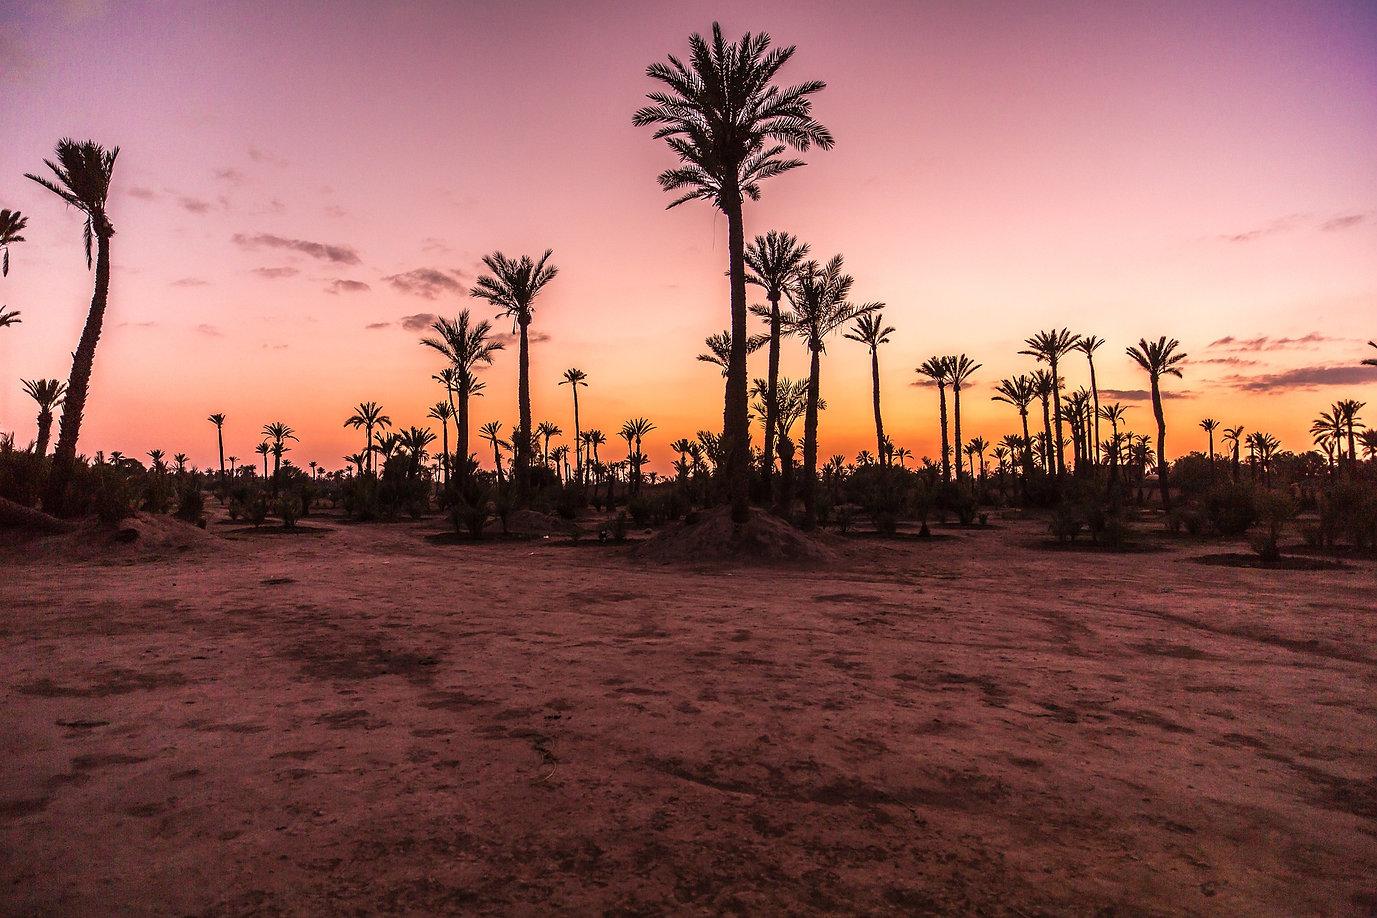 image_palmier_tombée_de_la_nuit_marrake